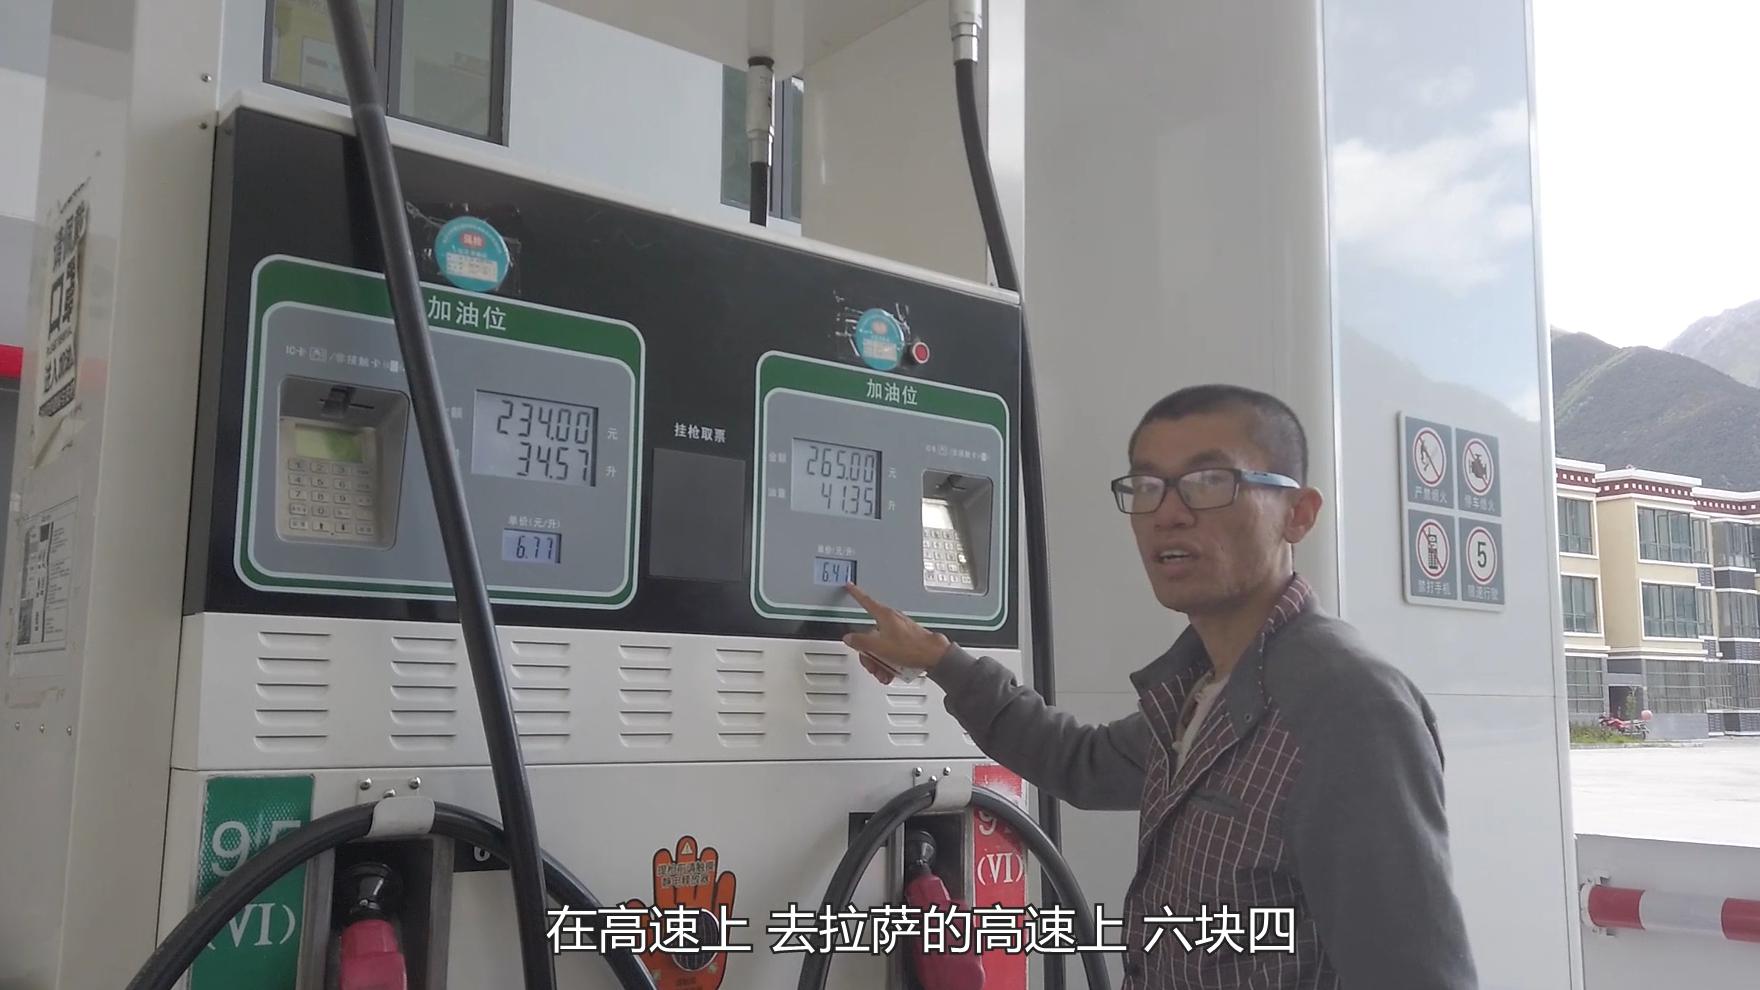 2000元的油卡用完只需还1800,头疼的是在西藏太少中国石化加油站